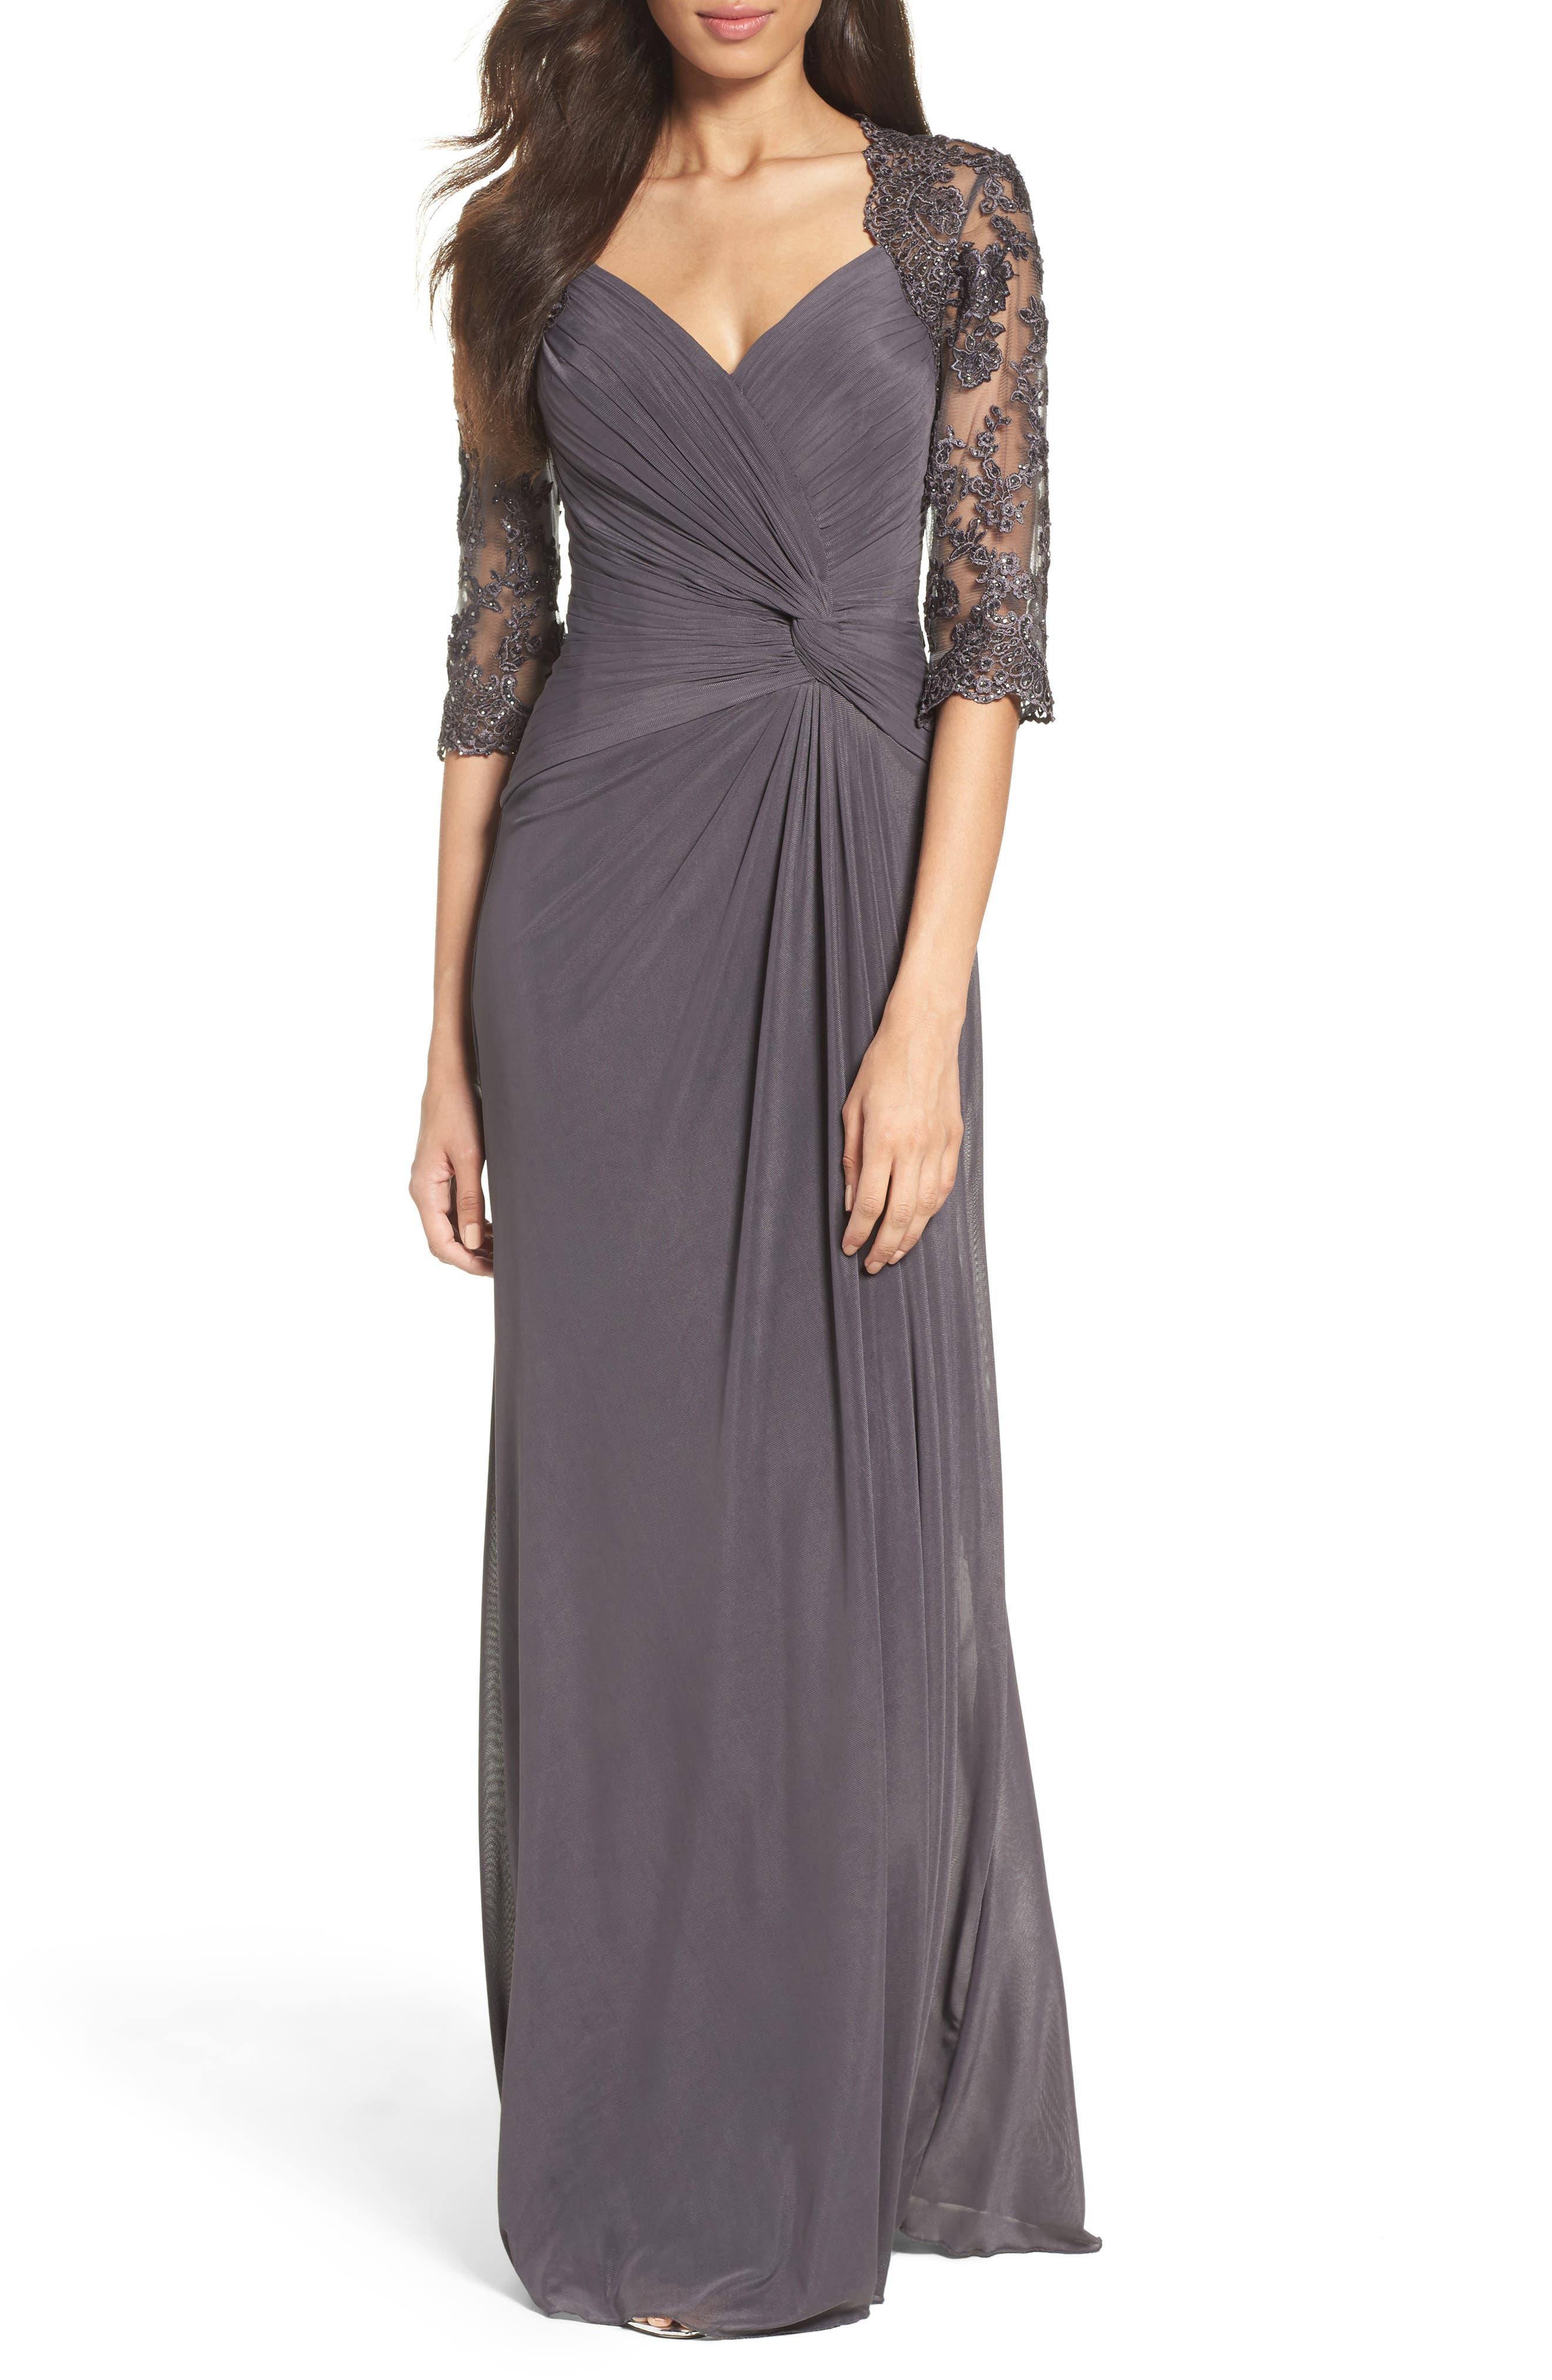 LA FEMME, Lace & Net Ruched Twist Front Gown, Main thumbnail 1, color, GUNMETAL